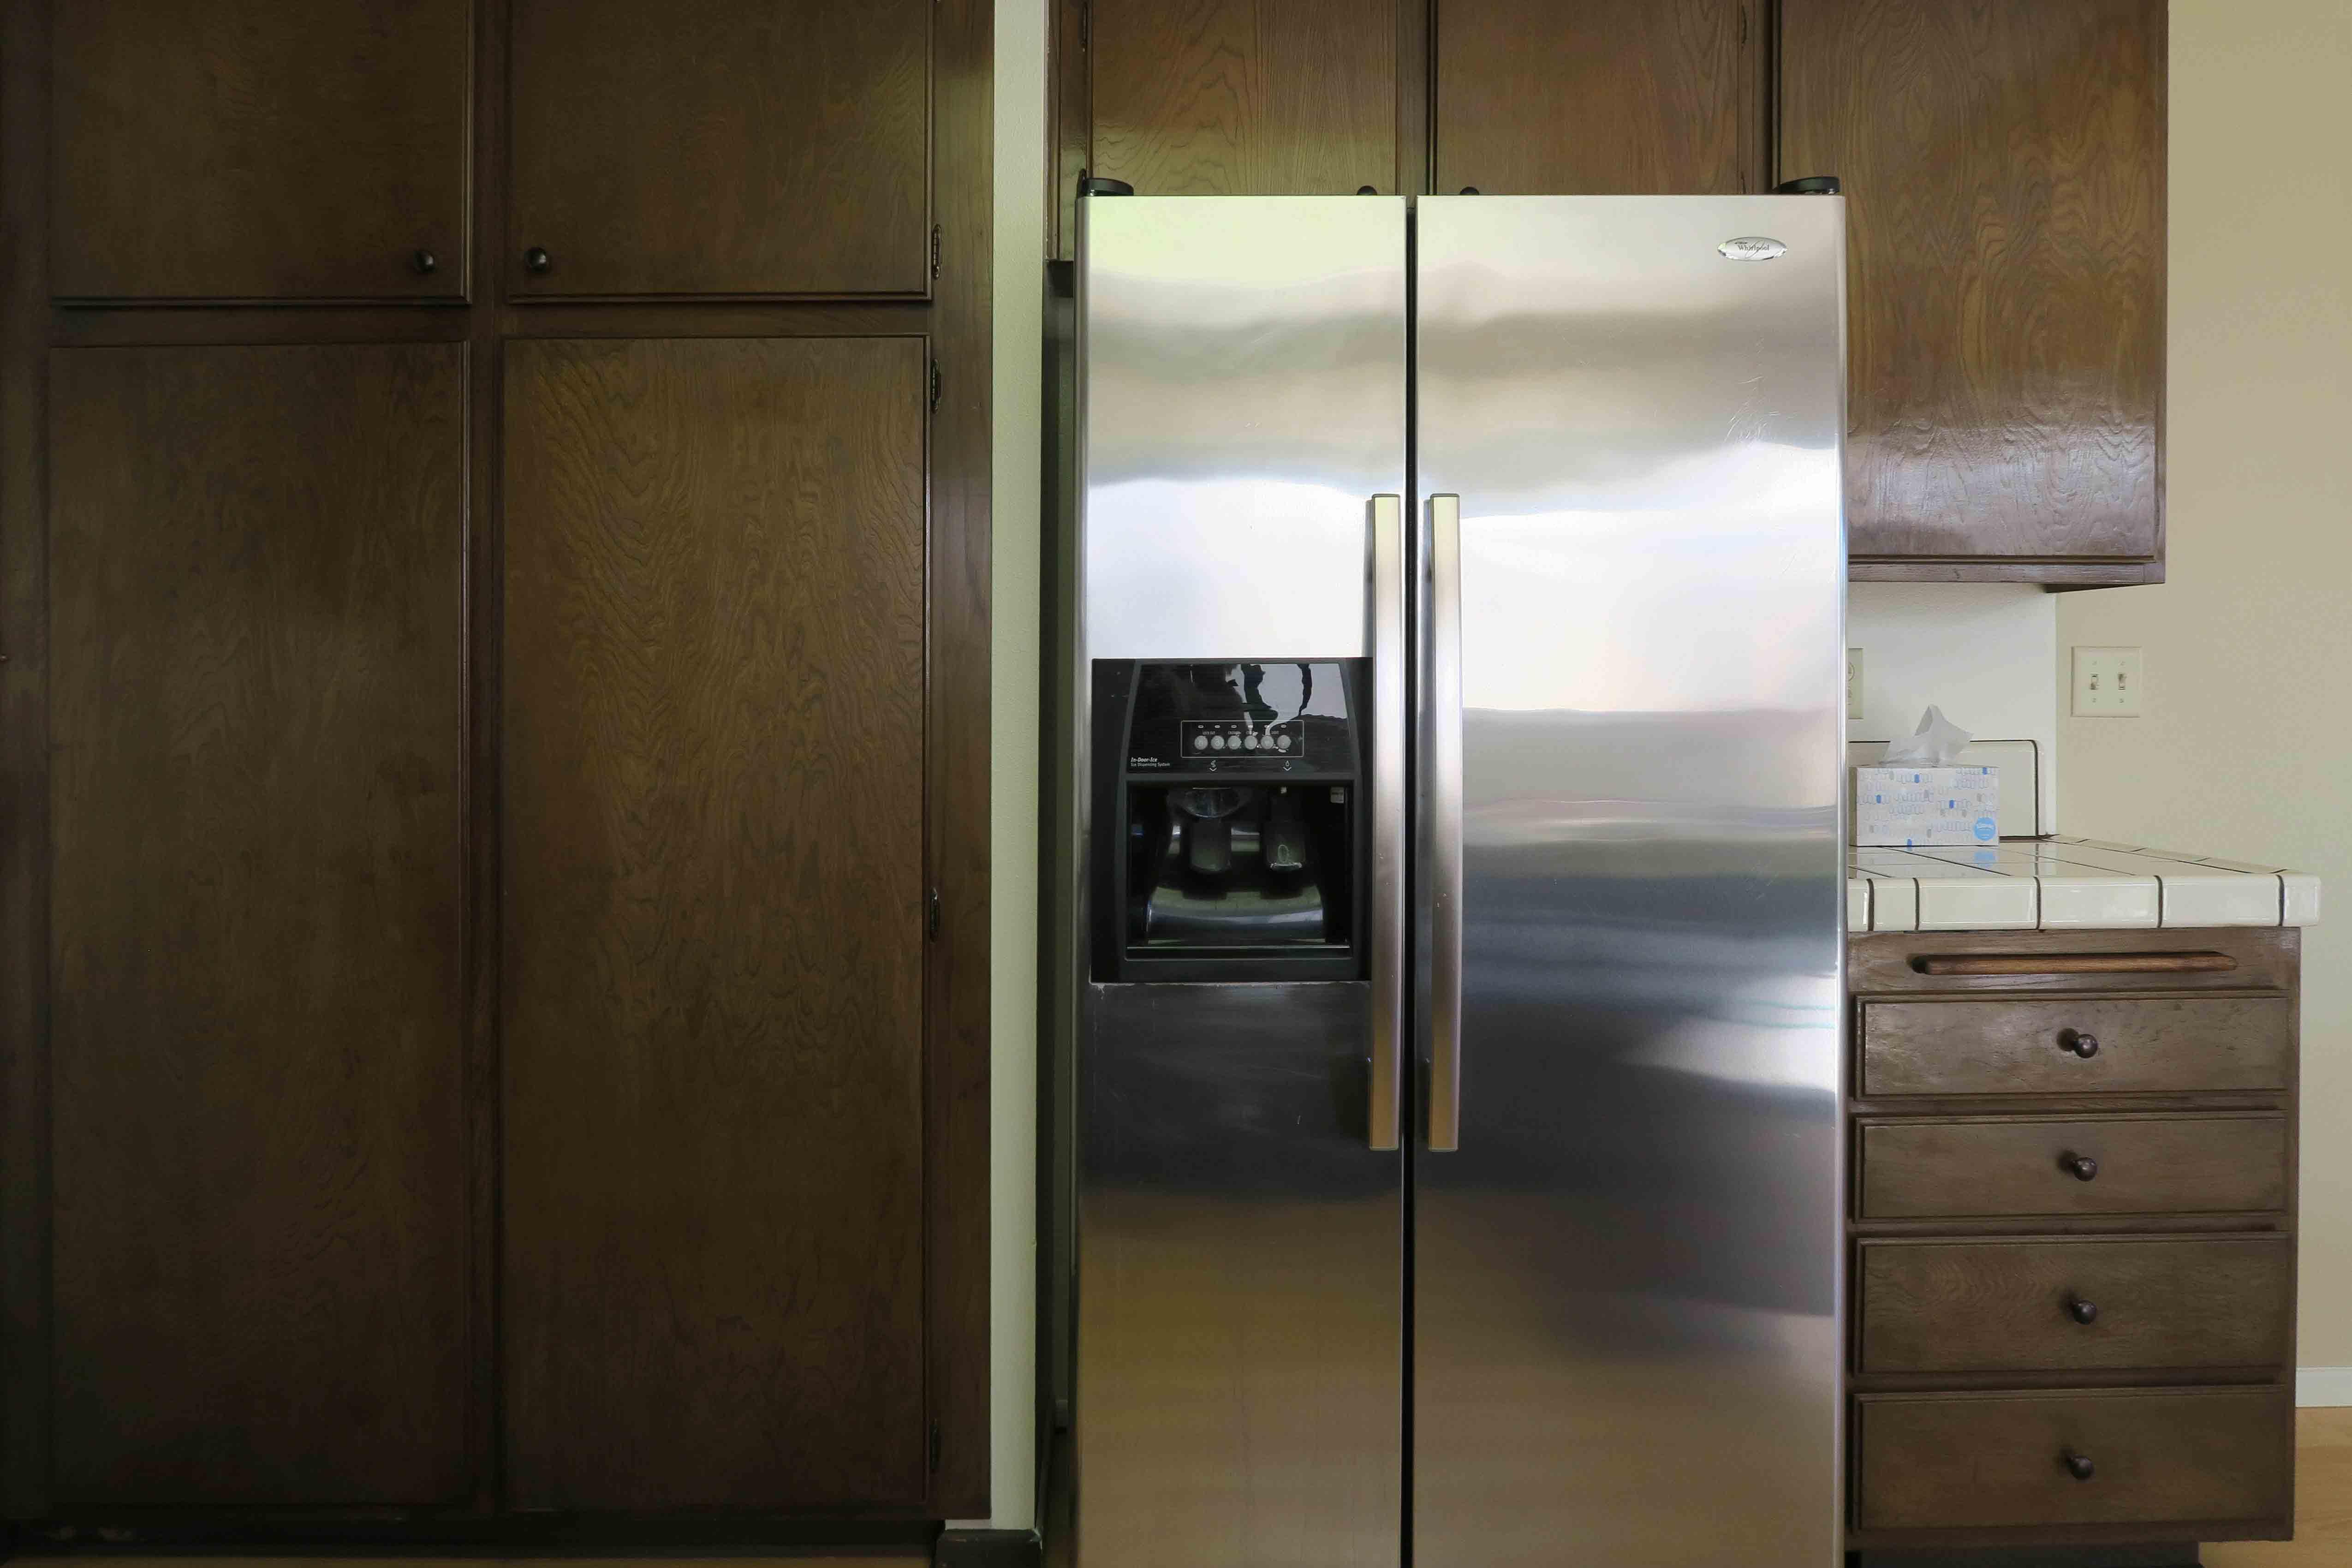 1841 Adelaide Ct, Oxnard CA 93035 Kitchen Refrigerator